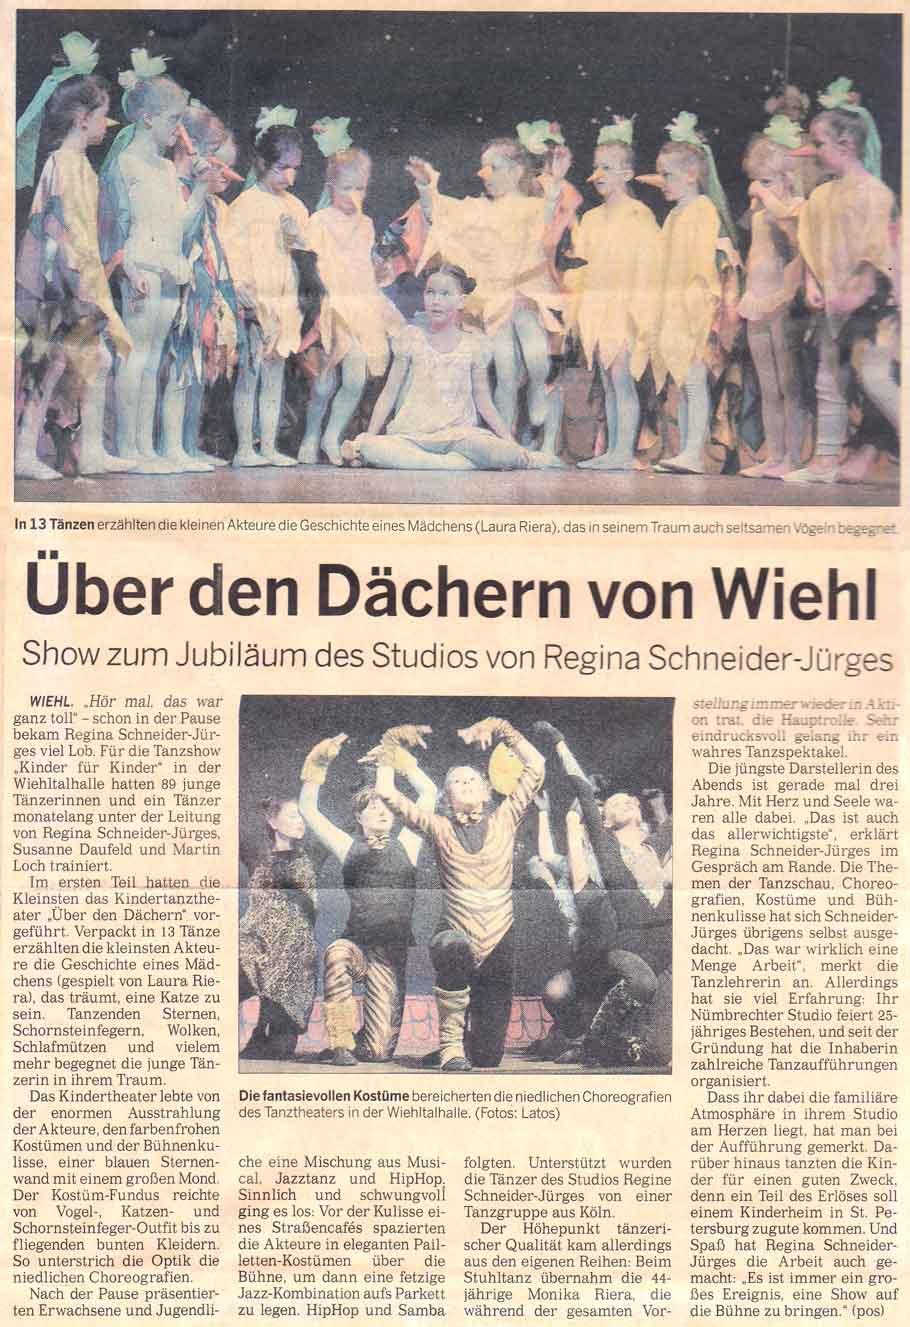 Presse_Ueber_den_Daechern